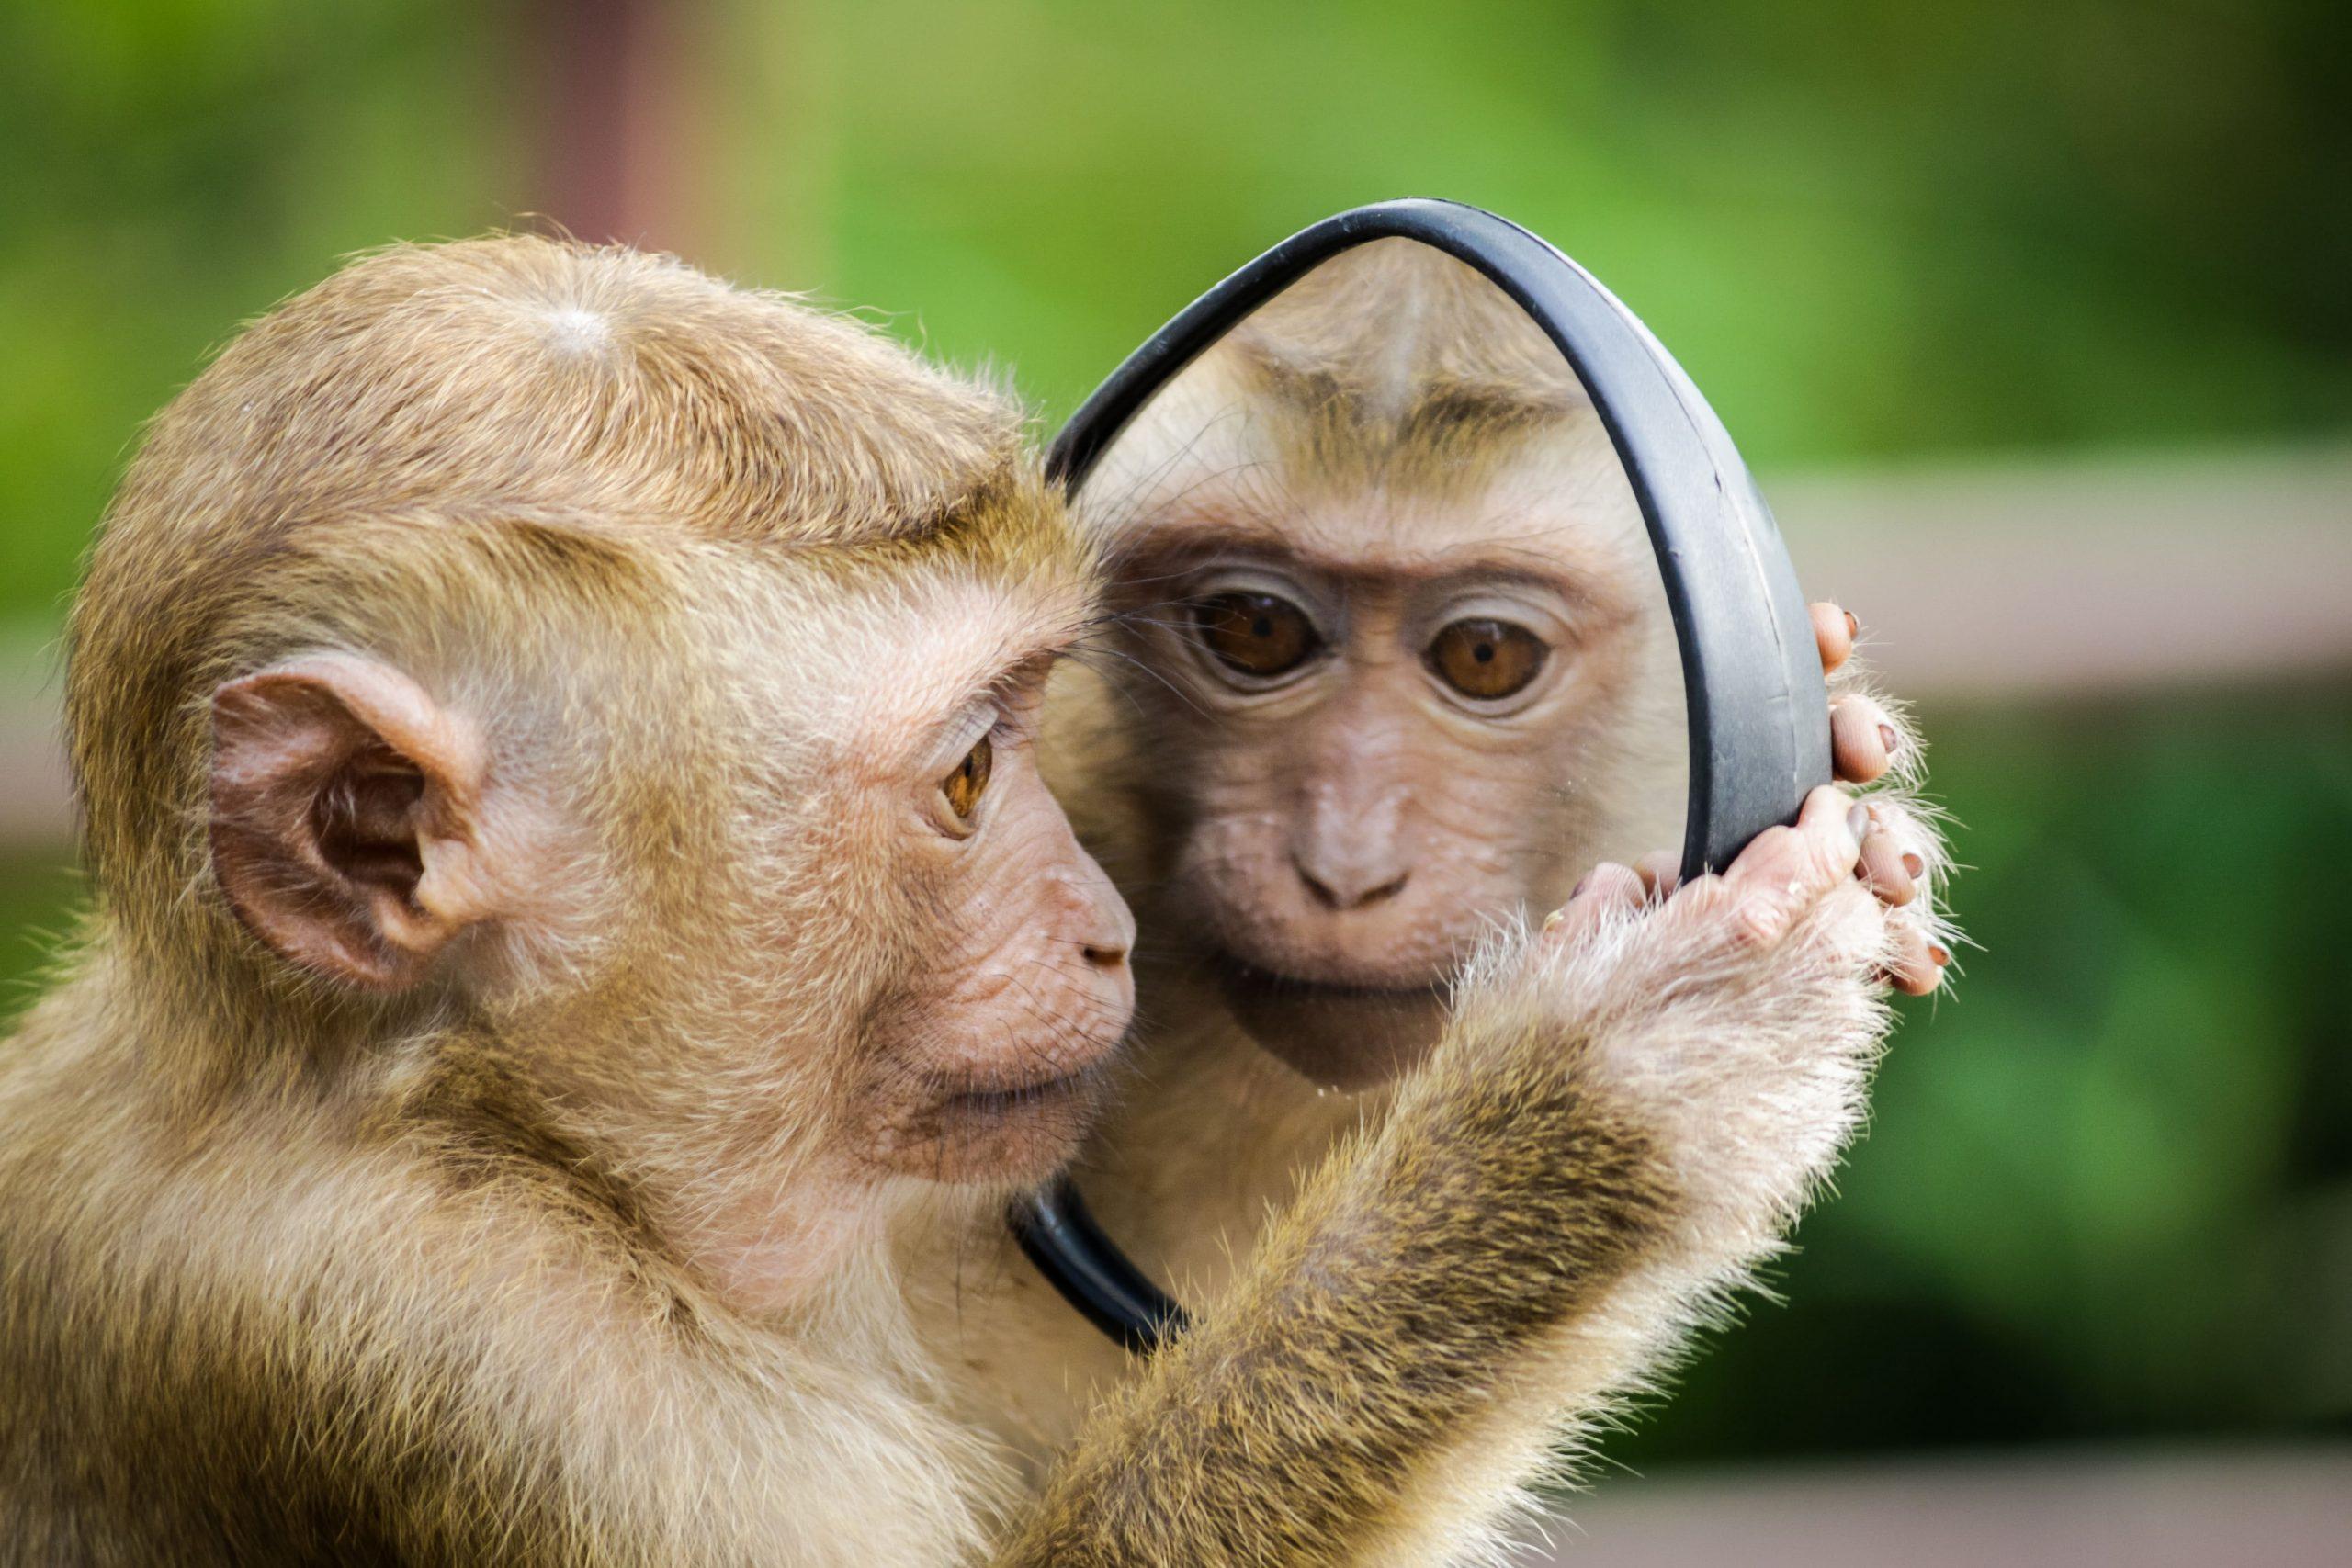 Apa med spegel